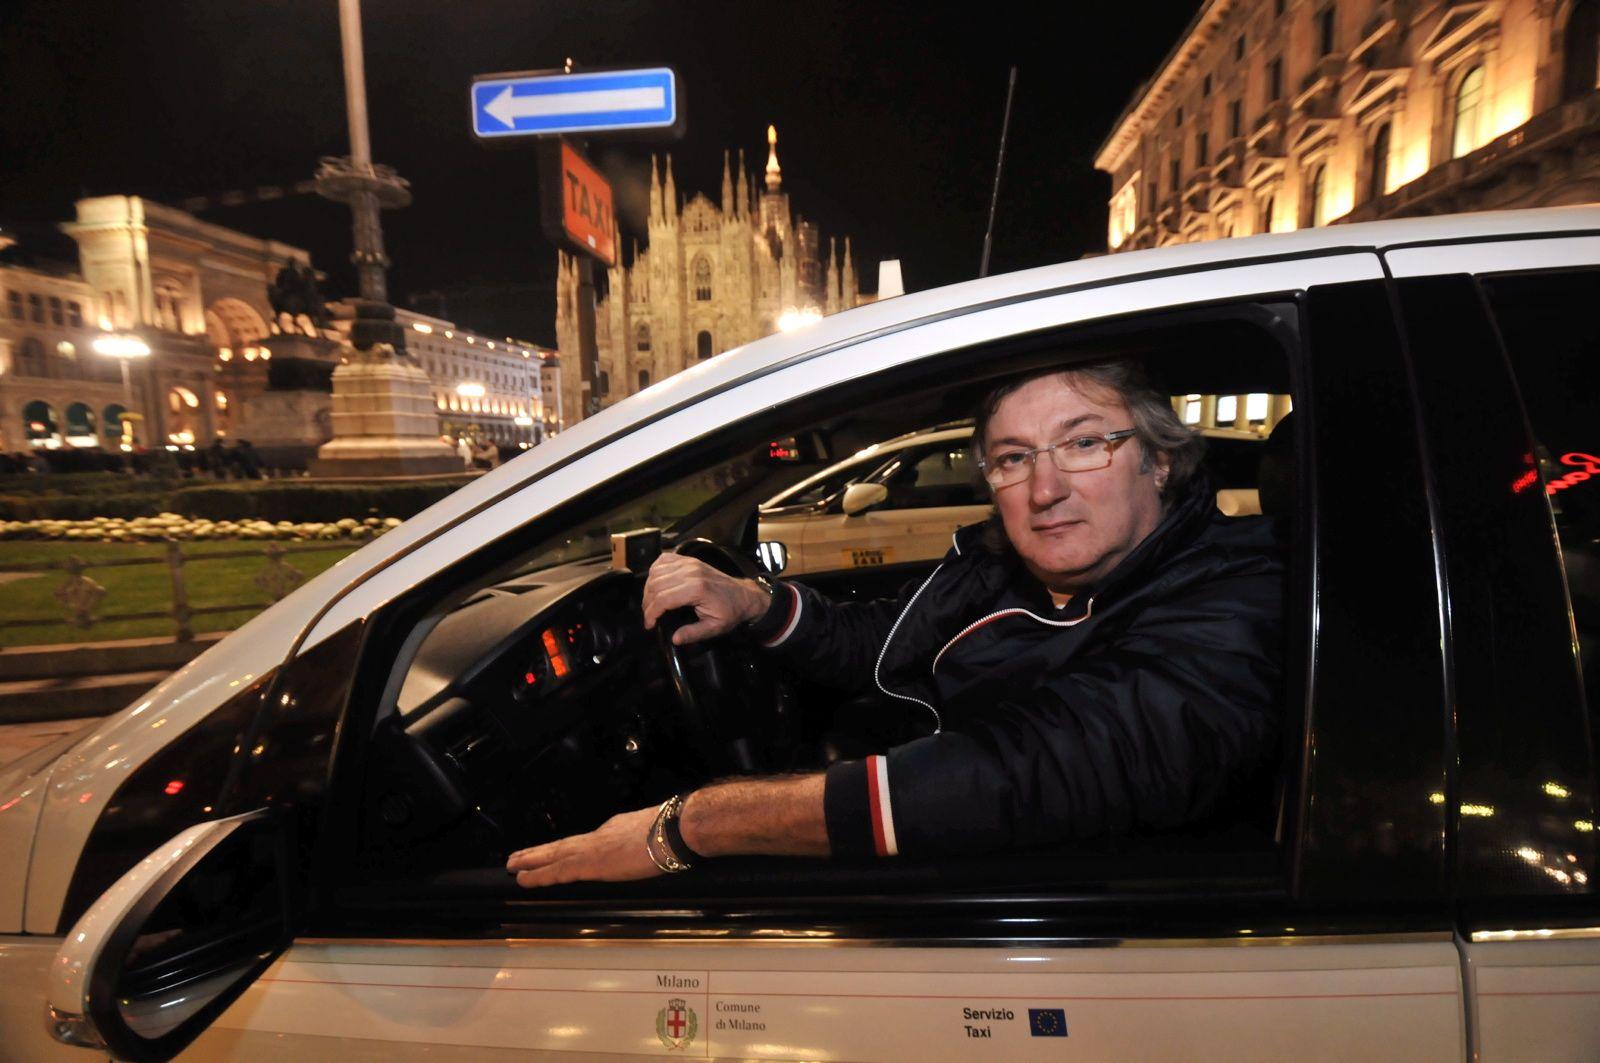 Gualtiero Felisi, dal 1976 alla guida del taxi Torino 48 (Fotogramma)